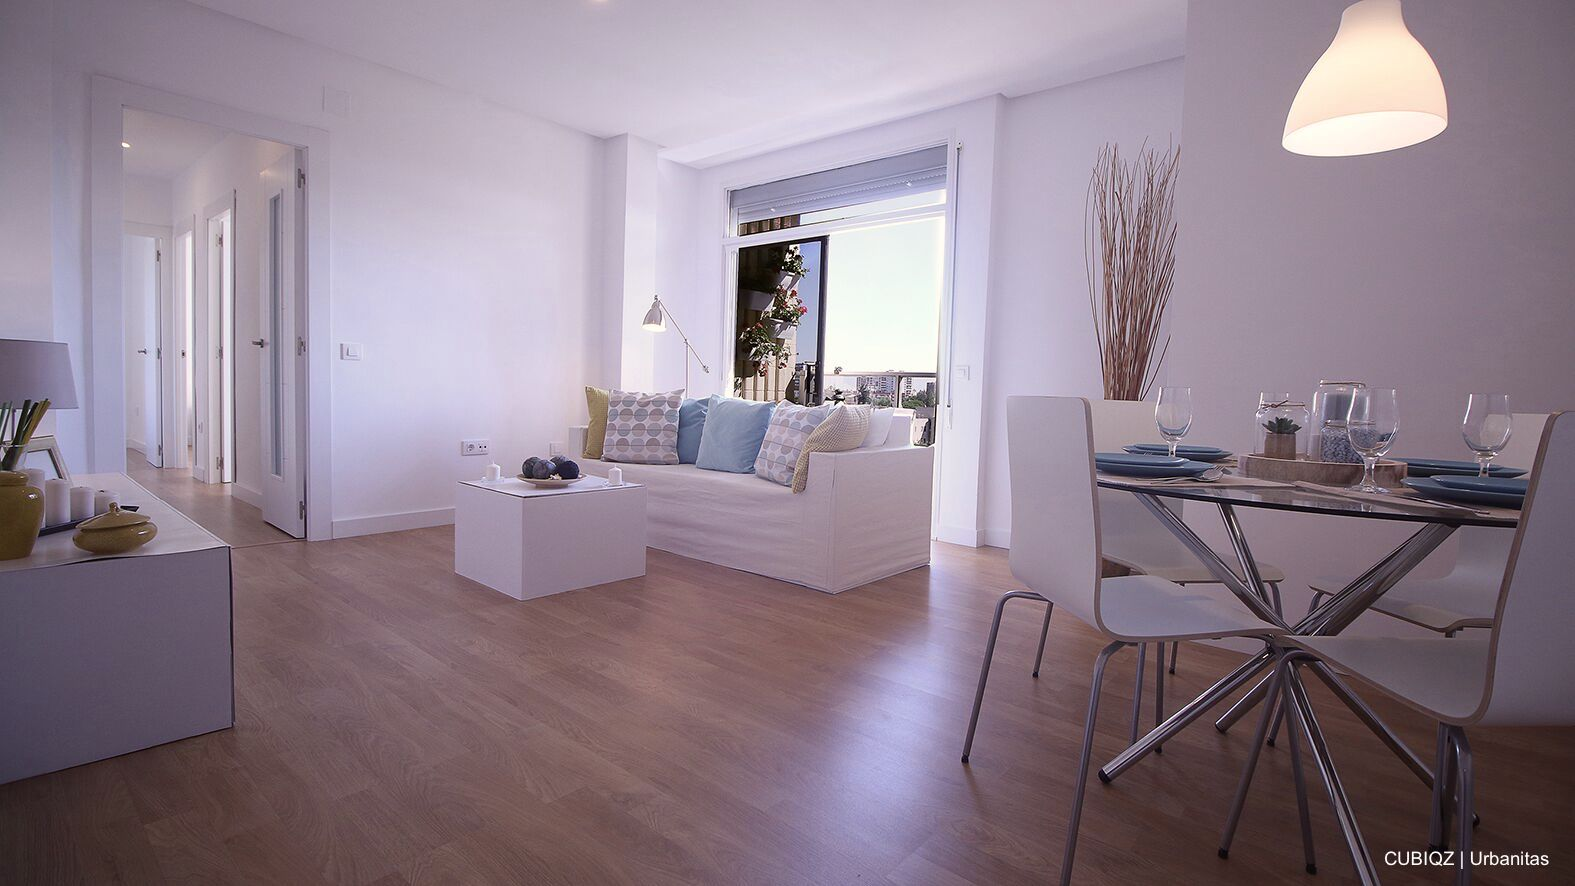 5. CUBIQZ muebles de cartón sirven para crear una puesta en escena y son ideales para la presentación de una vivienda en venta o alquiler